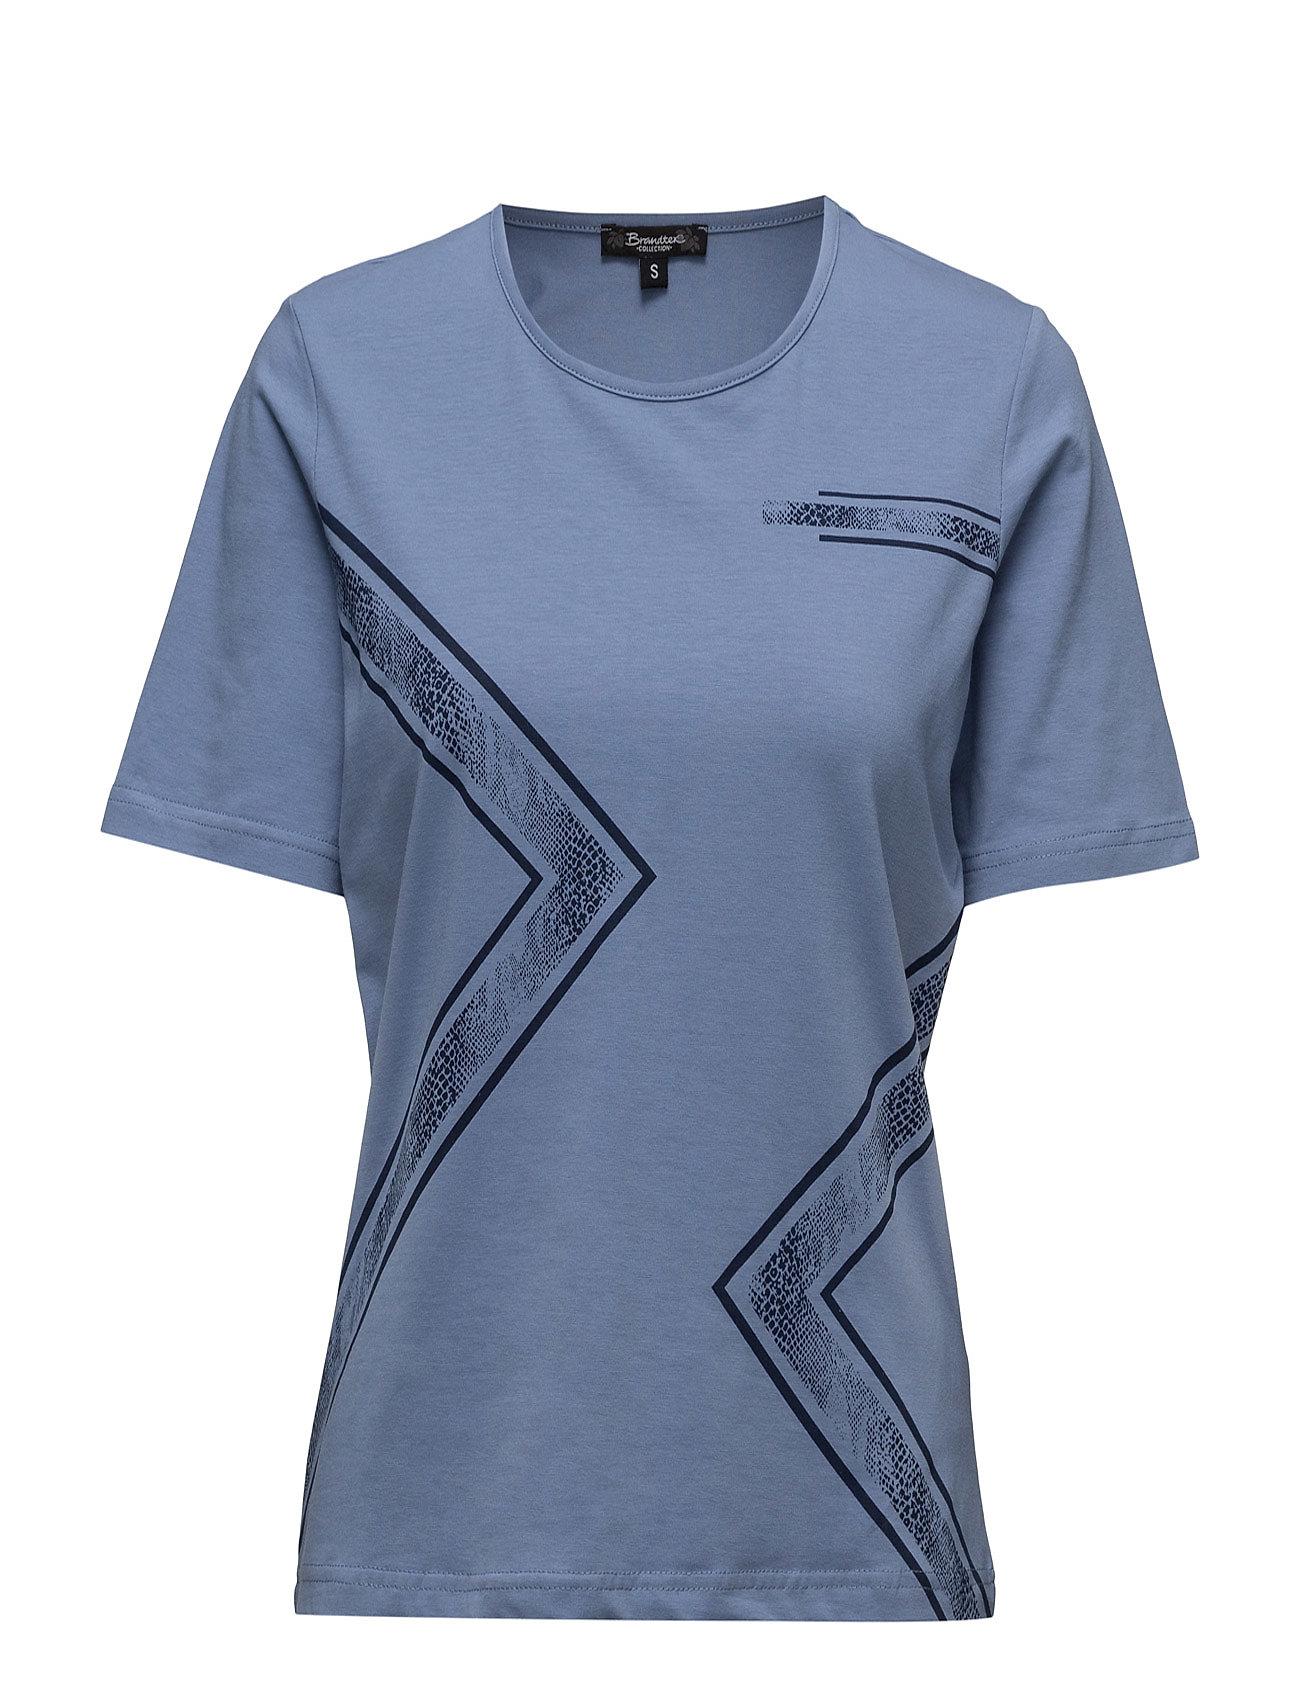 T-Shirt S/S Brandtex Kortærmede til Damer i Colony Blå